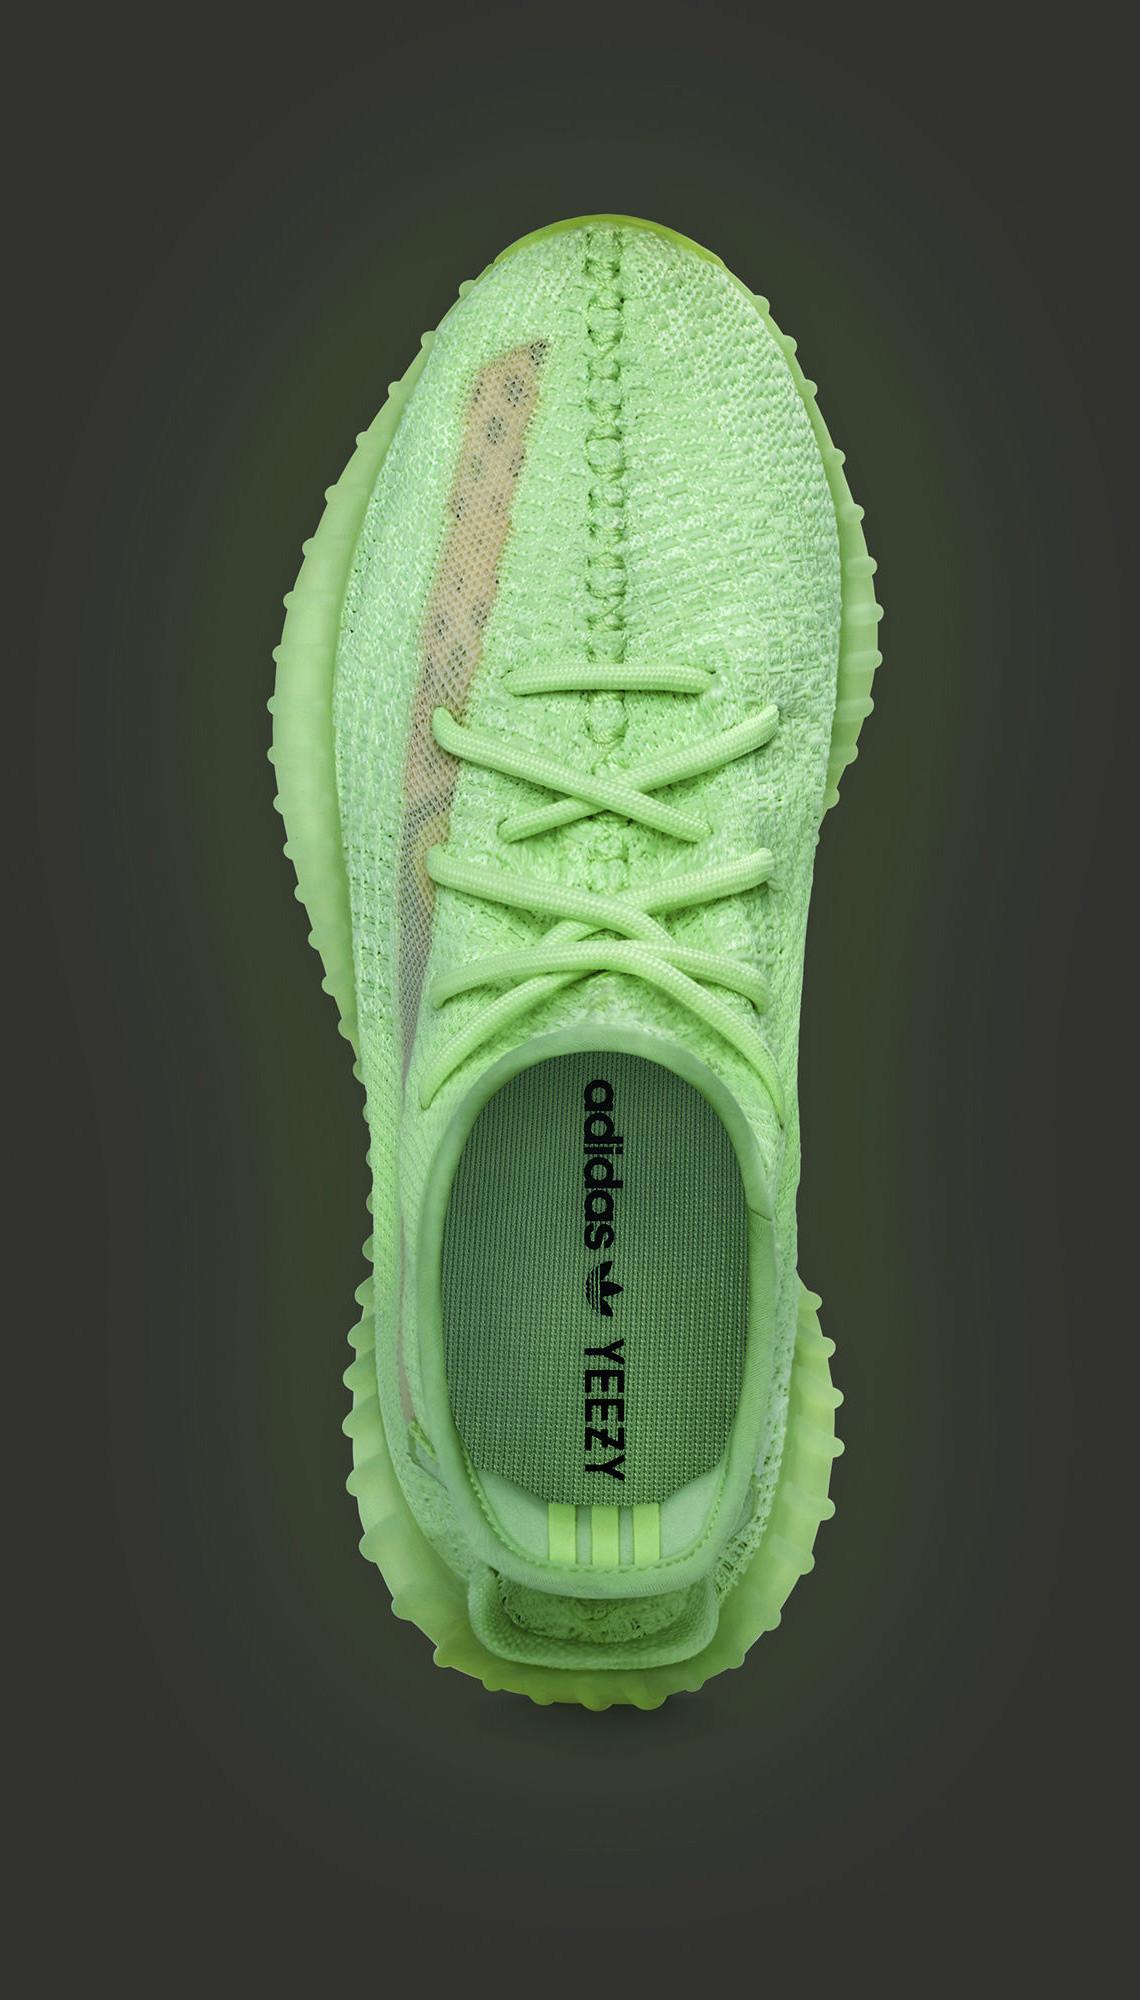 wholesale dealer 09689 18b0a Sneaker Con - Feed